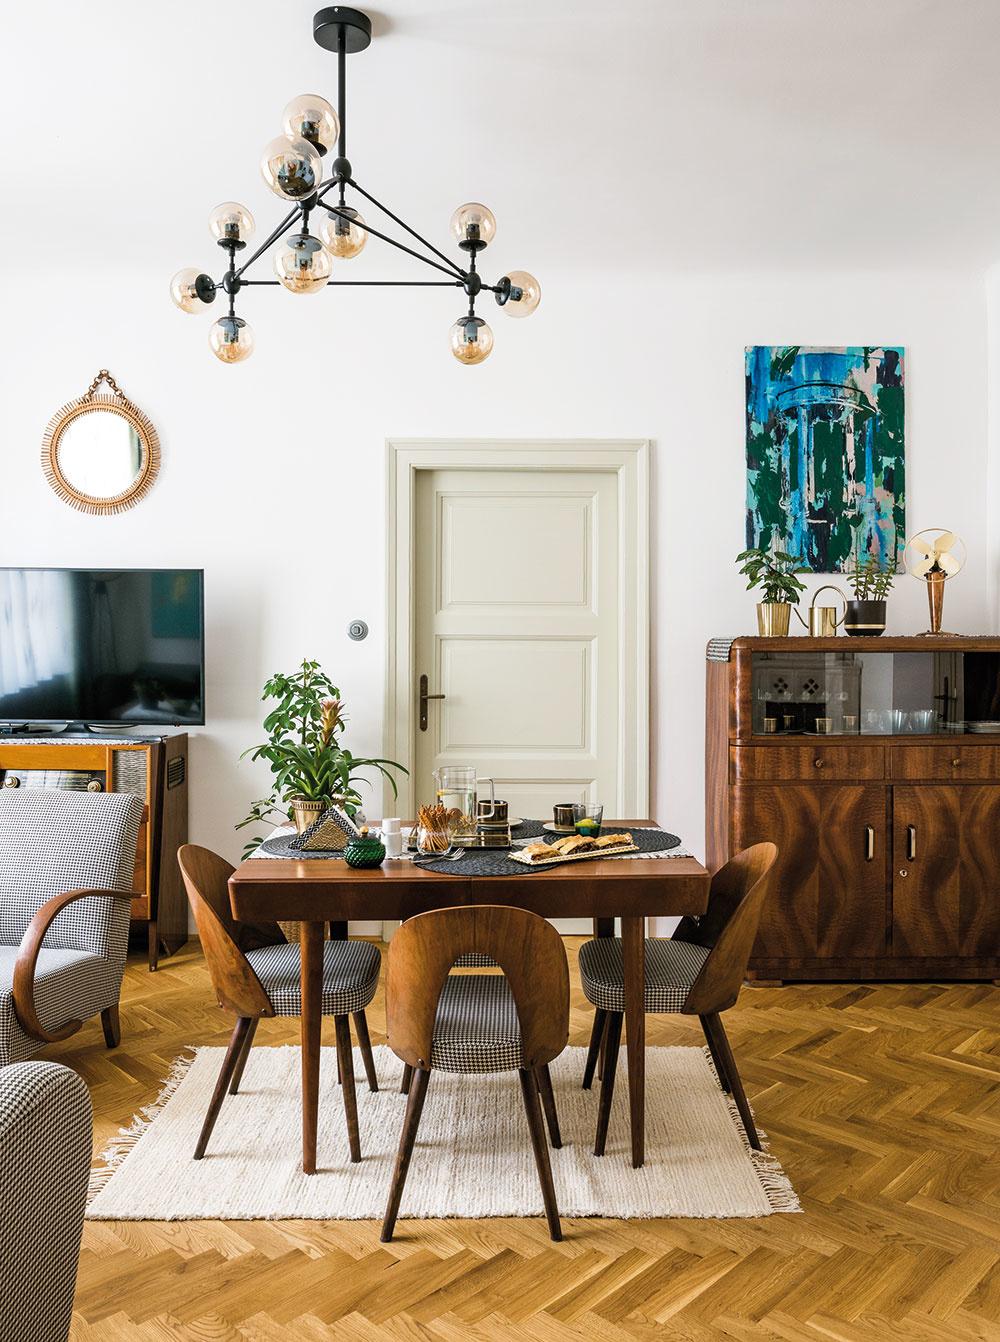 Pôvodné prvky bytu, napríklad drevené zárubne advere, zachovali aopravili. Nábytok vyberala Miriama vštýle 50. až 70. rokov minulého storočia – práve takéto zariadenie prevládalo vbyte včase, keď ho mladá dvojica kúpila.